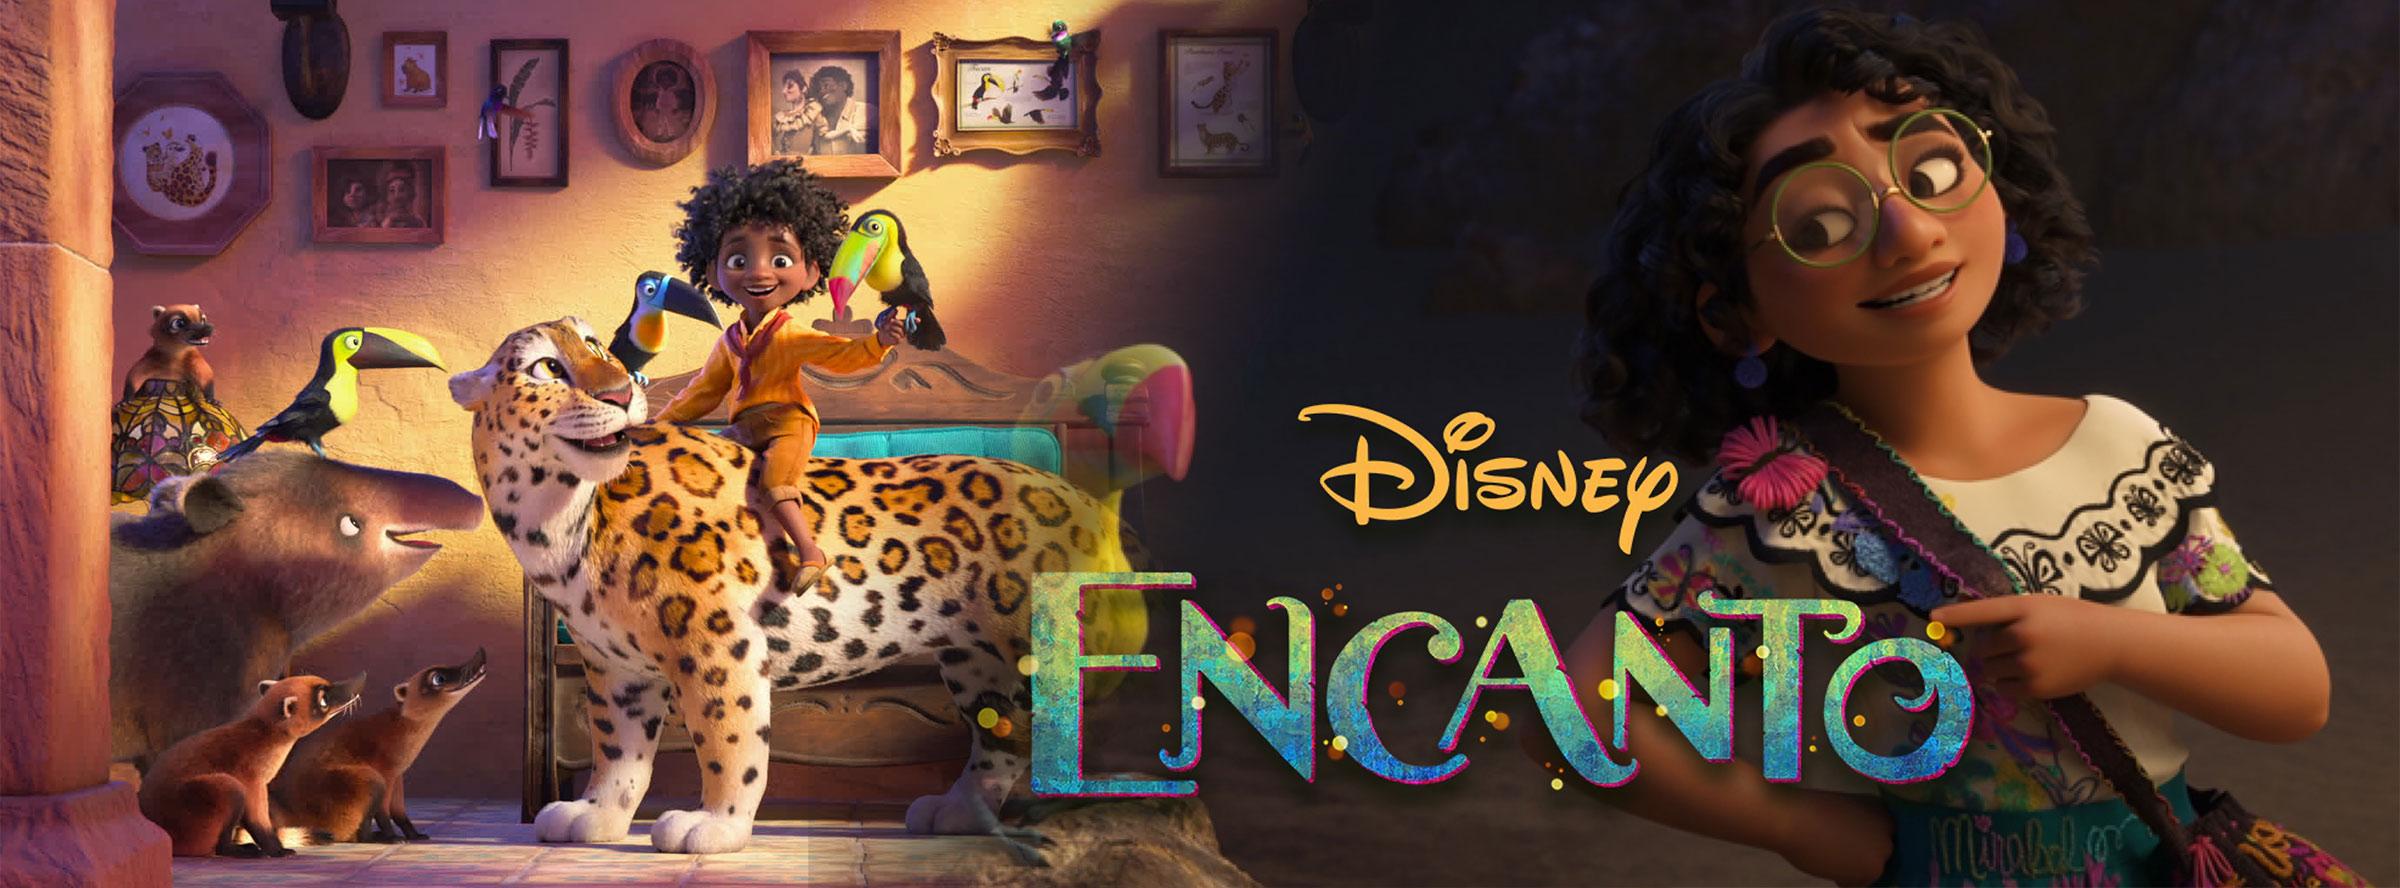 Slider Image for Encanto